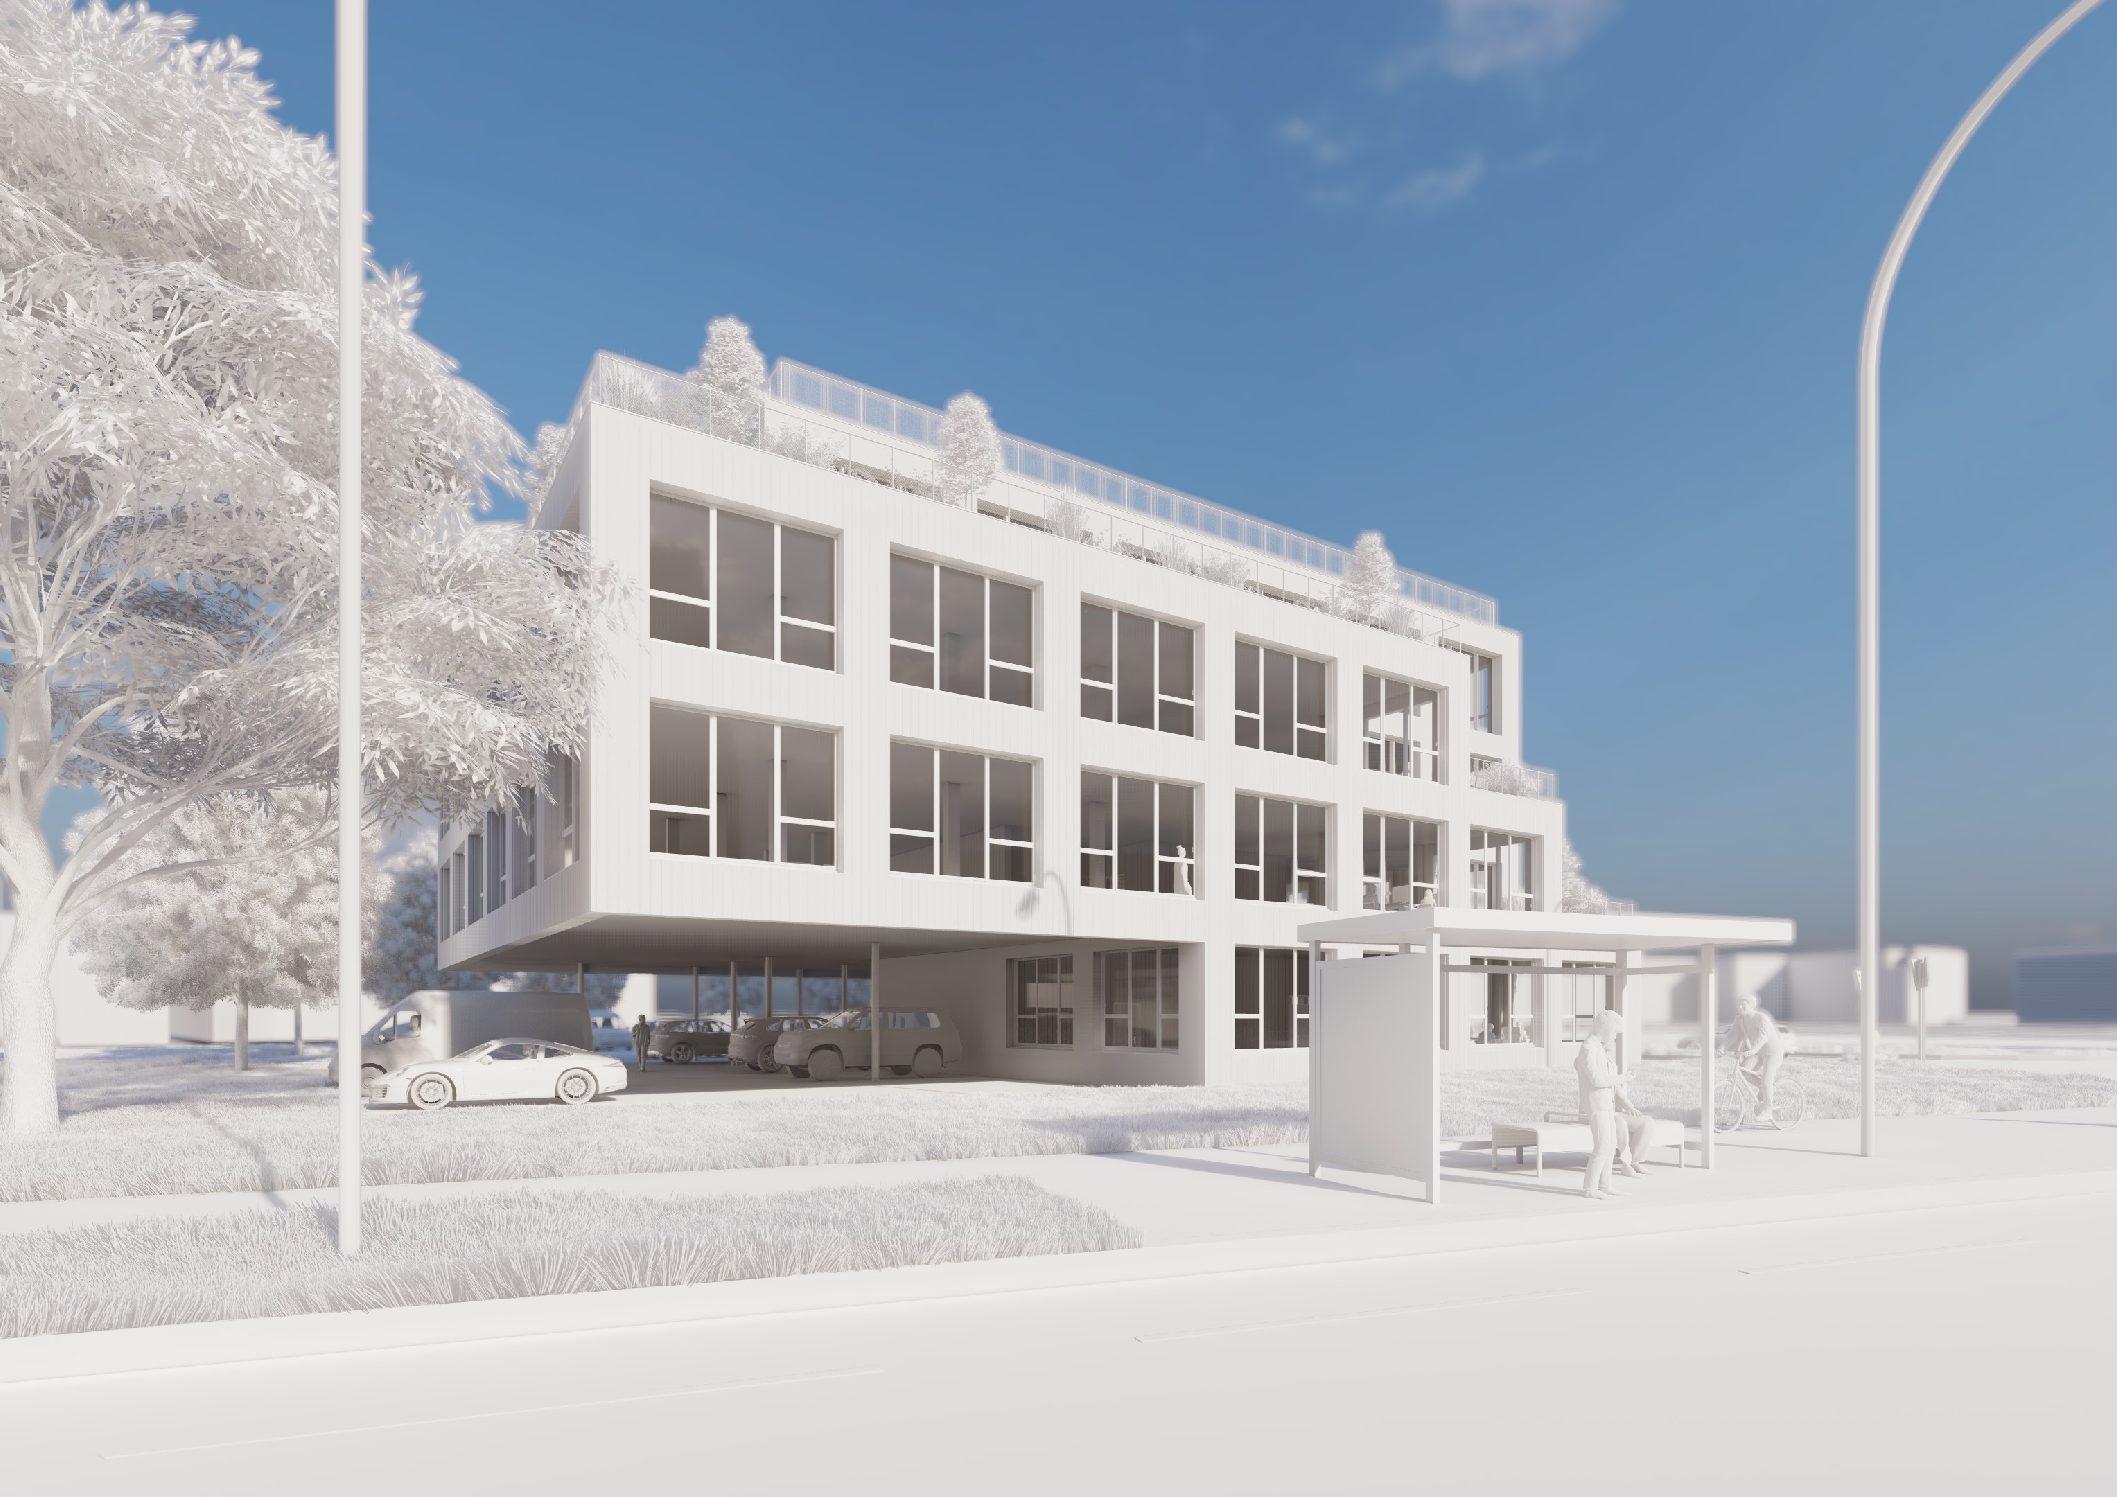 SAS PERFORMANCE – IMMEUBLE PERF- CONSTRUCTION DE 2000 m² de BUREAUX – VILLENEUVE d'ASCQ